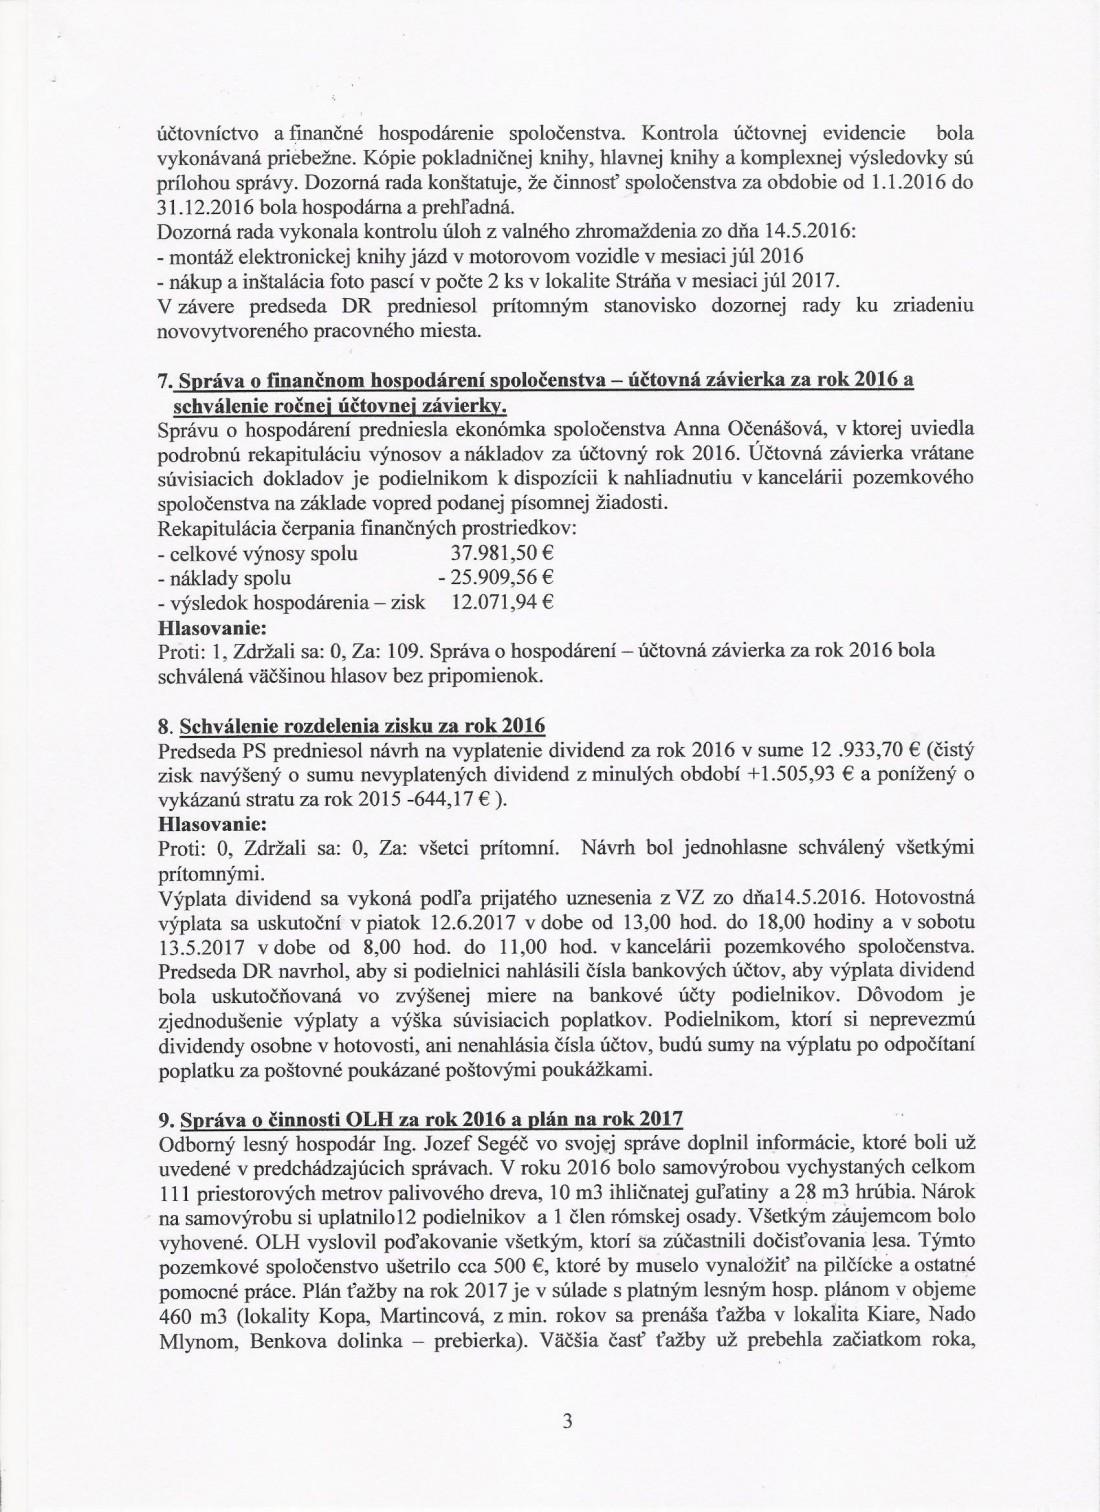 Zápisnica z VZ 6.5. 2017 - strana č. 3